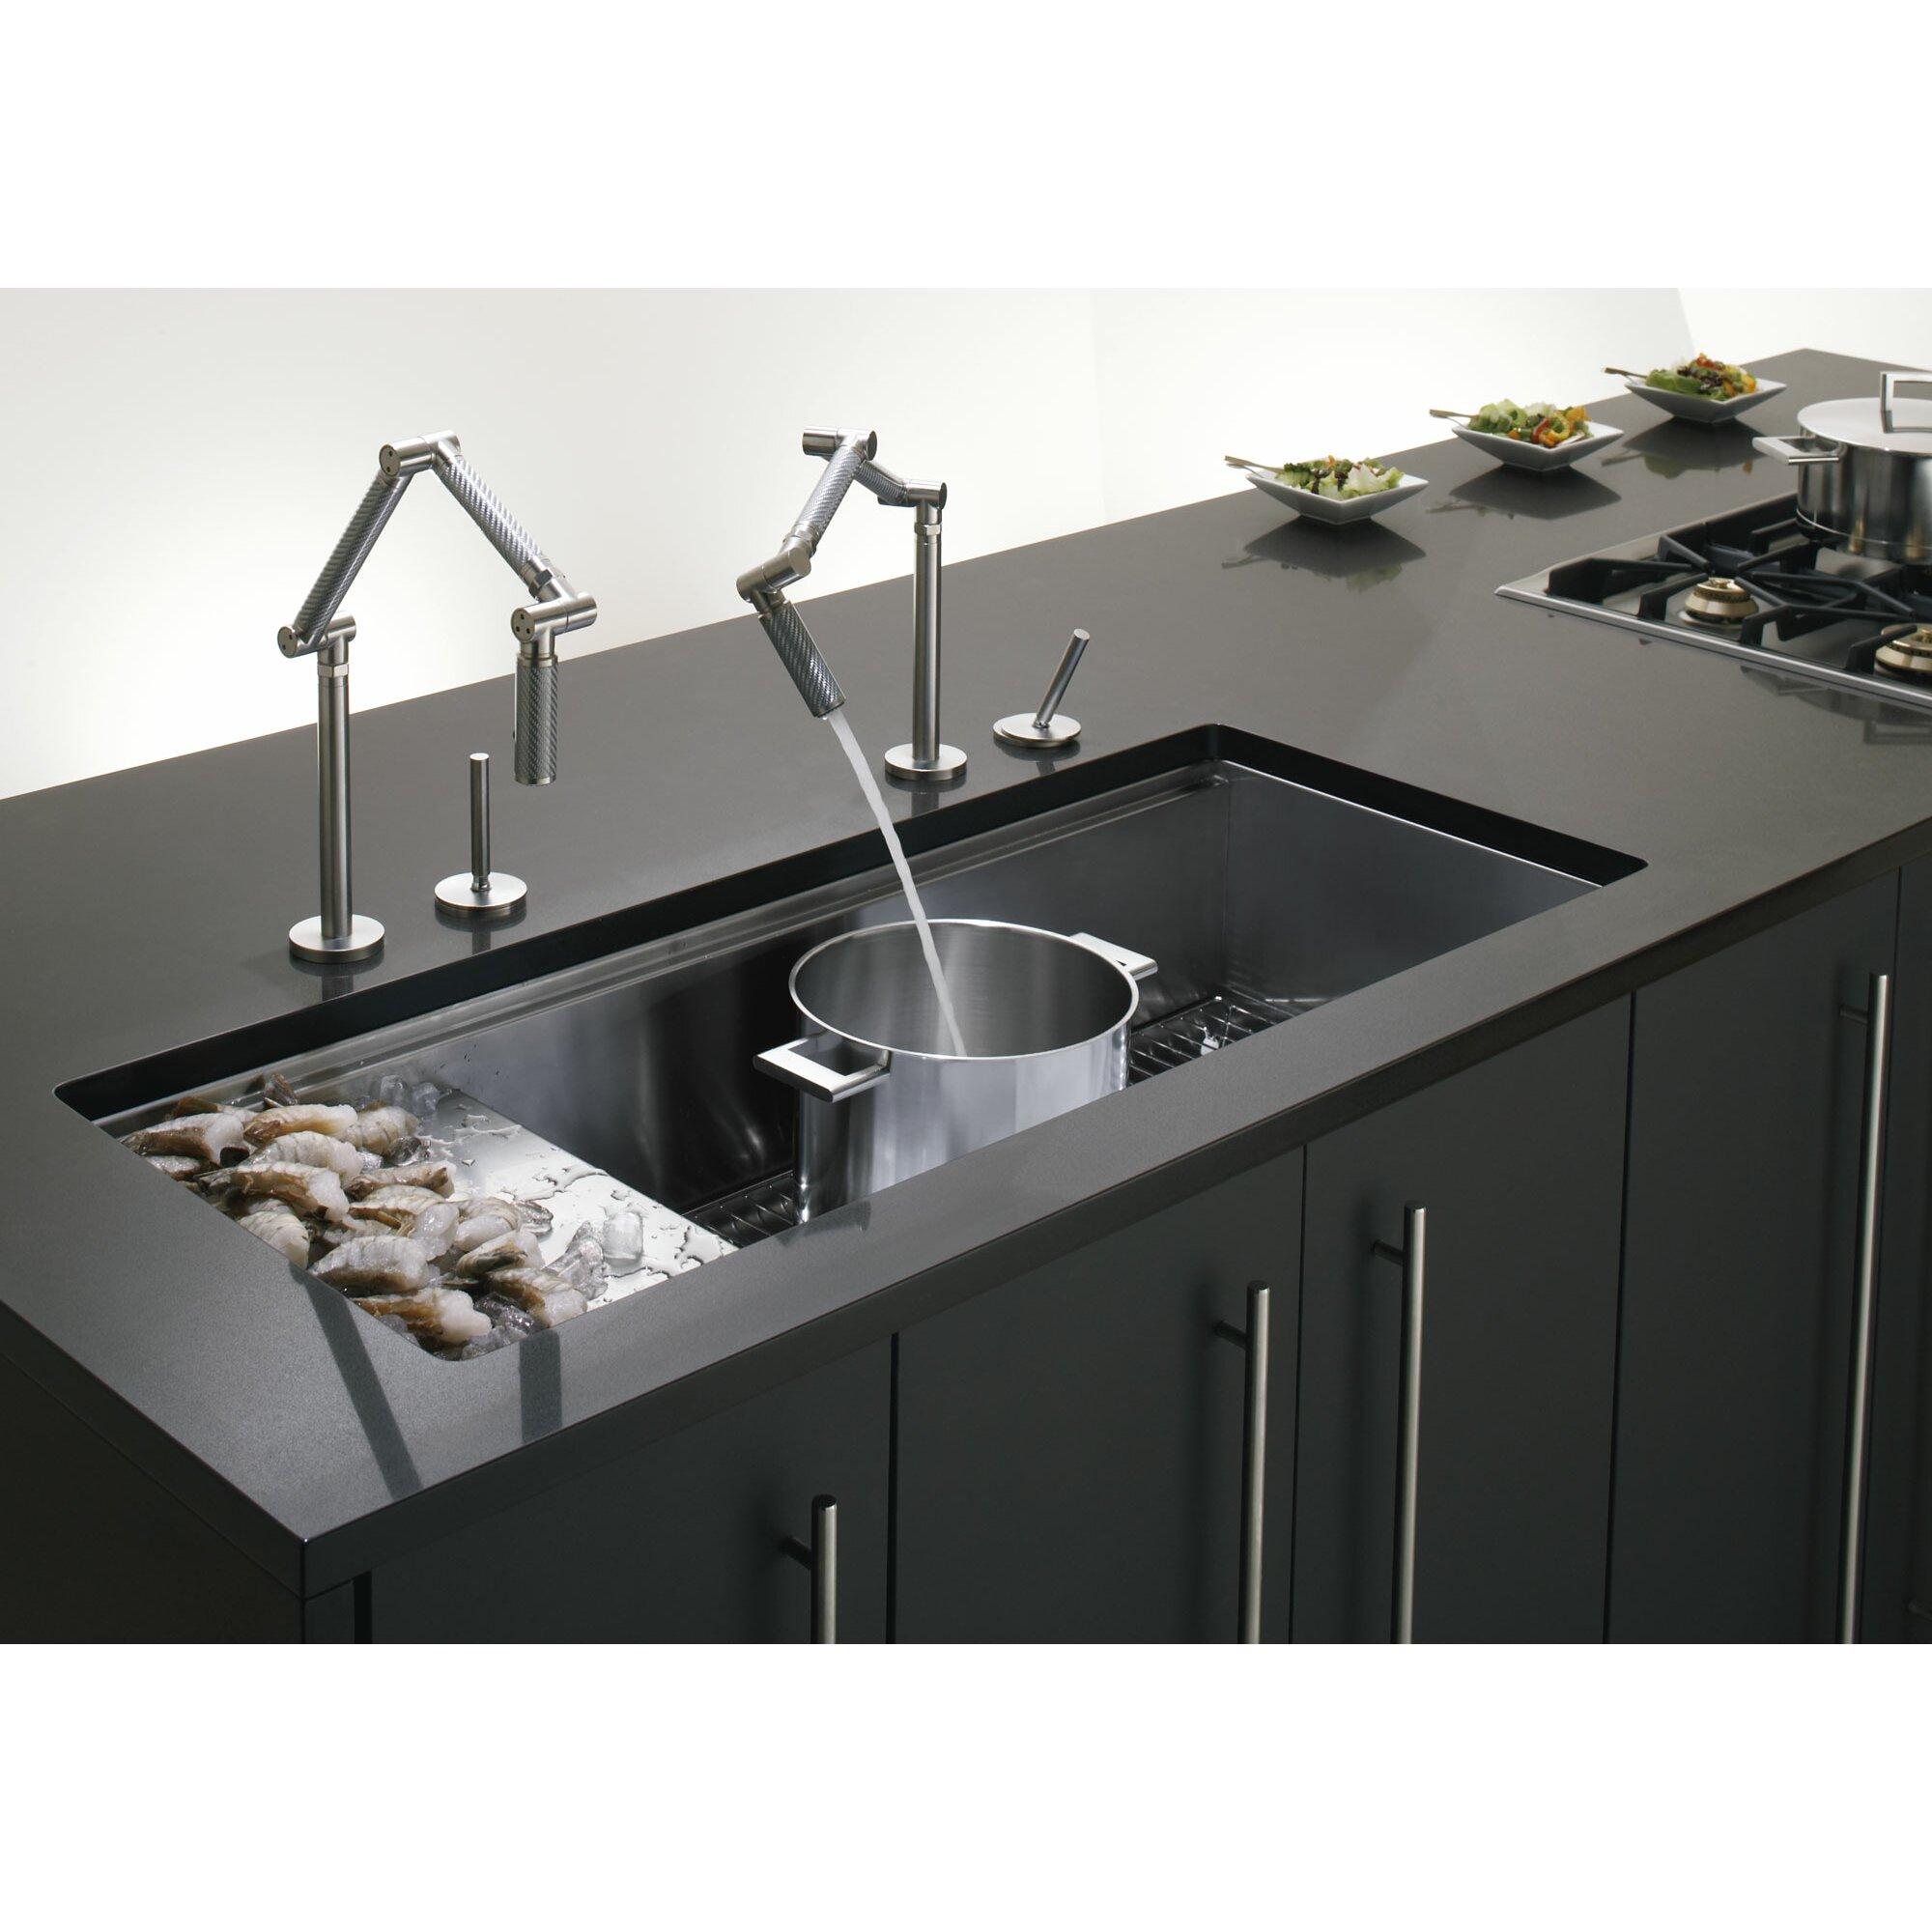 Kohler Stages 45 Kitchen Sink.Kohler Stages Kitchen Sink Kohler K ...